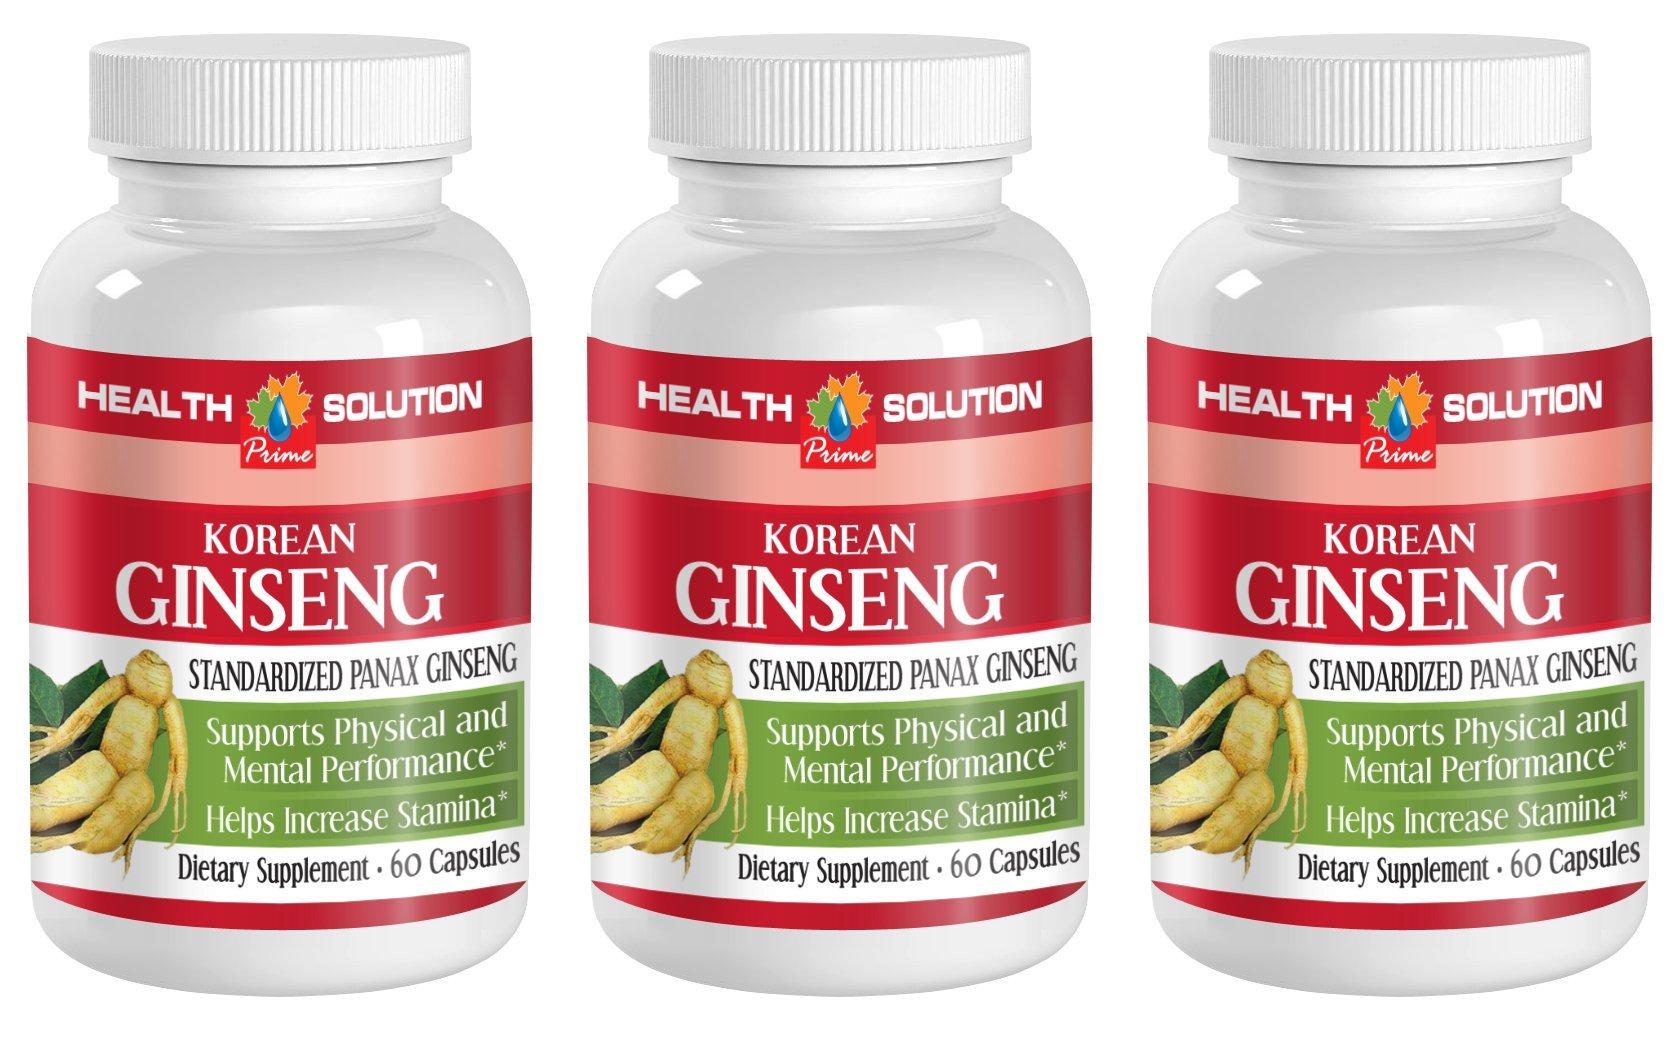 Red panax ginseng - KOREAN GINSENG - increase libido (3 Bottles)